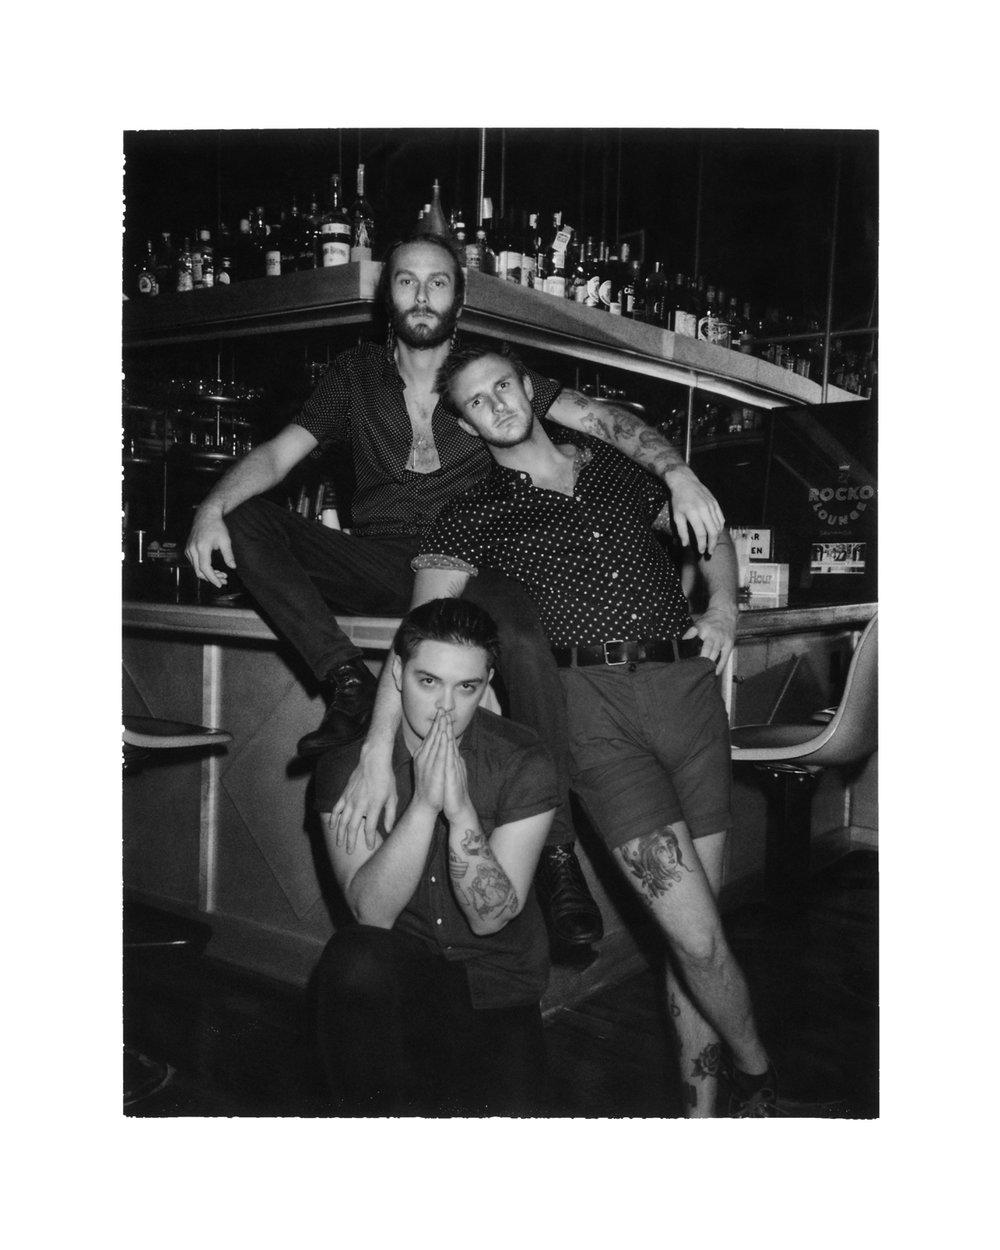 El Rocko Boys